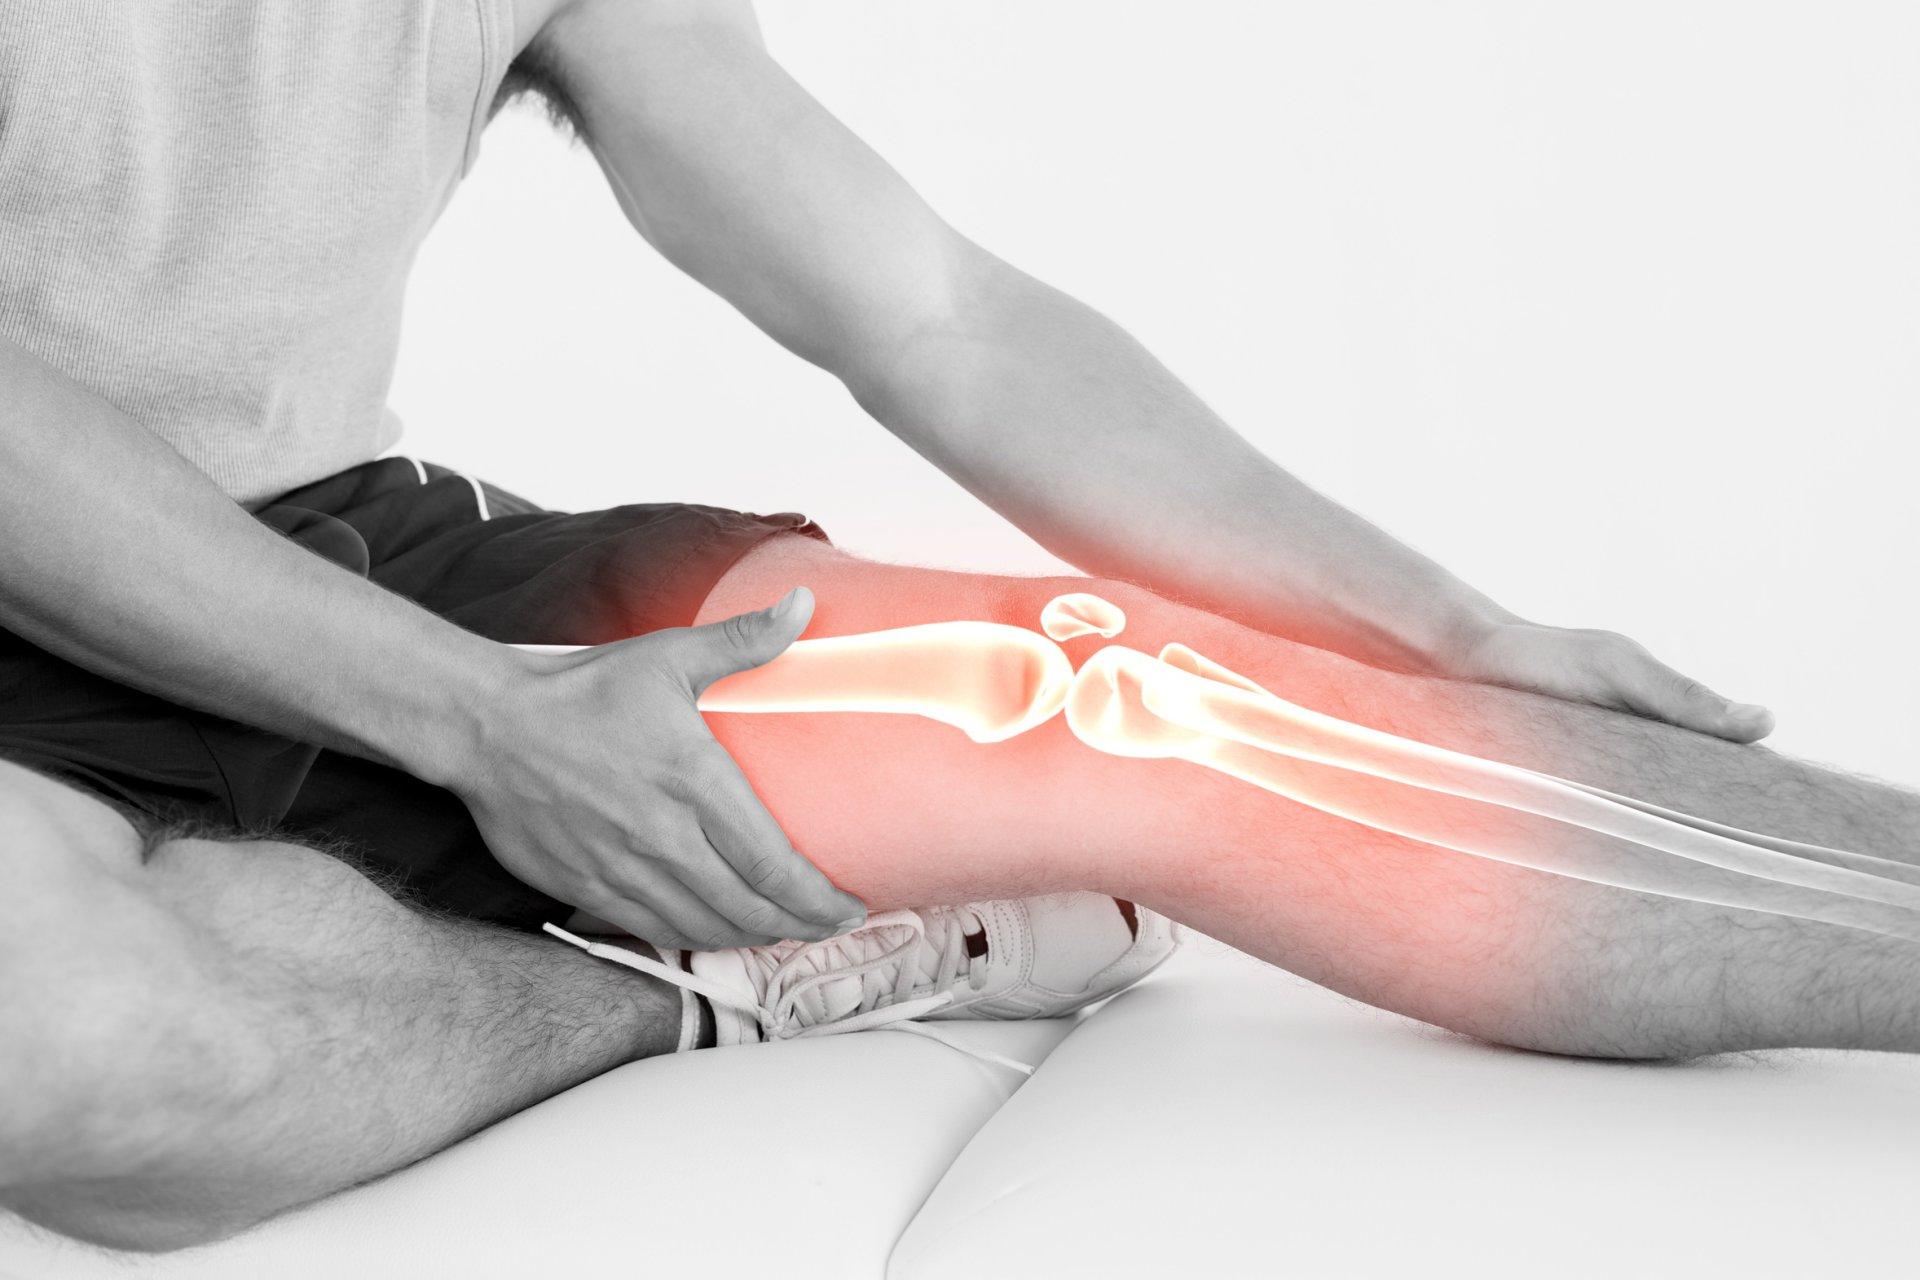 skauda dėl alkūnės sąnario išlaikyti artritas nykščio